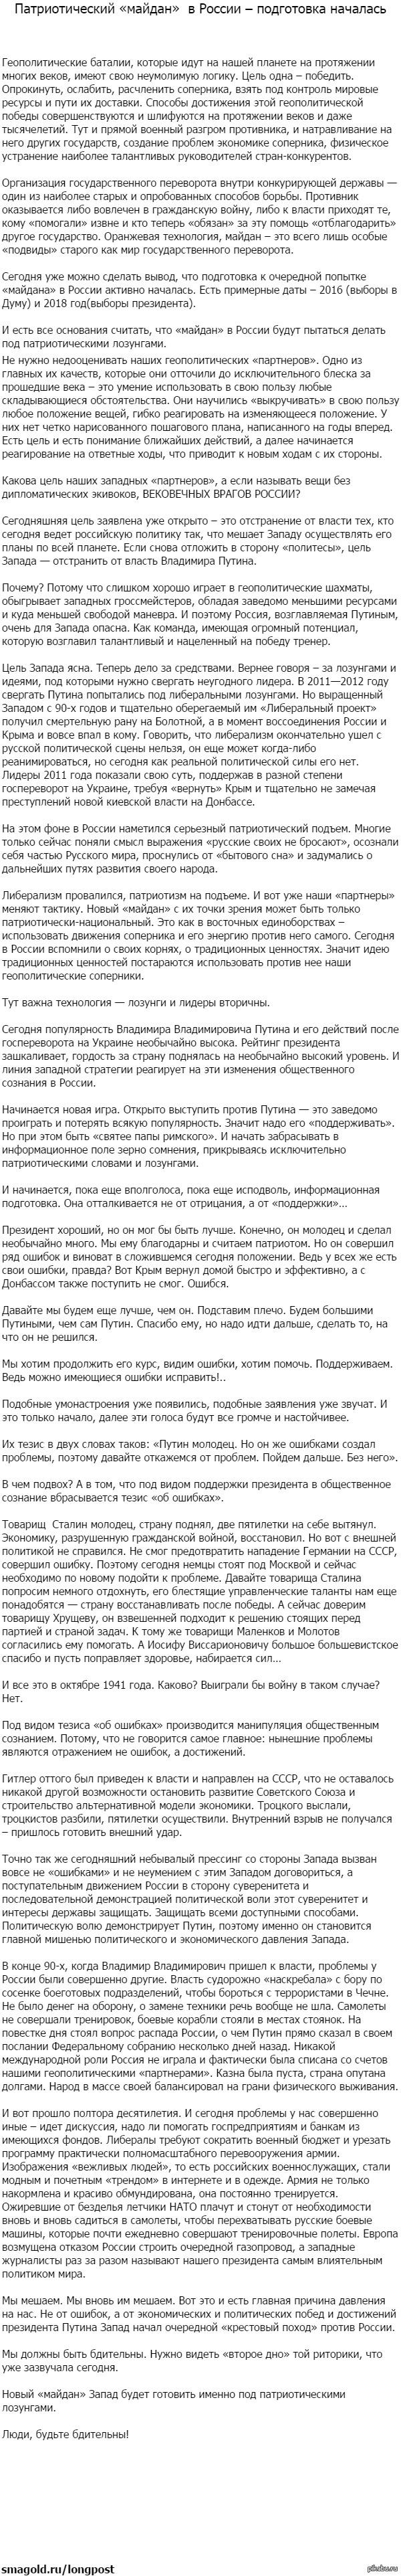 Патриотический «майдан» в России – подготовка началась  Блог08.12.2014, 9:00